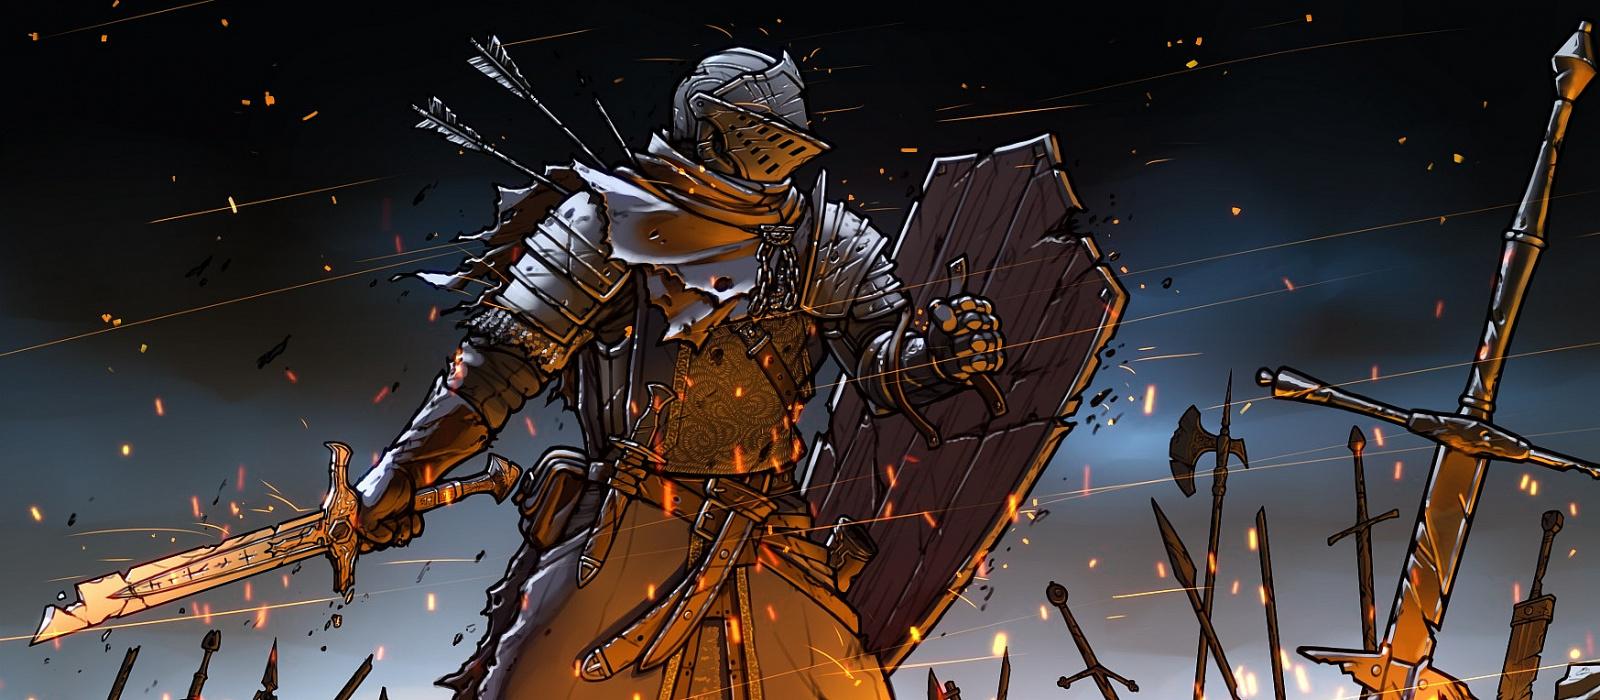 Dark Souls-Fan schaffte es an die Spitze von Reddit und zeigte sich in der Rüstung eines Elite-Ritters – Foto